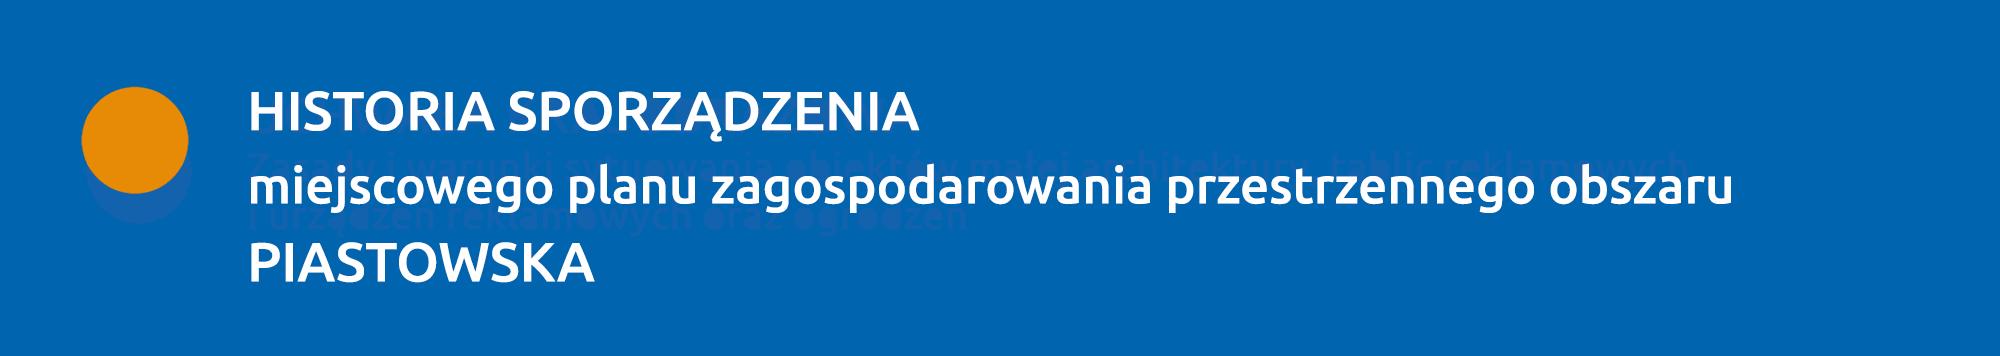 Historia sporządzenia planu PIASTOWSKA